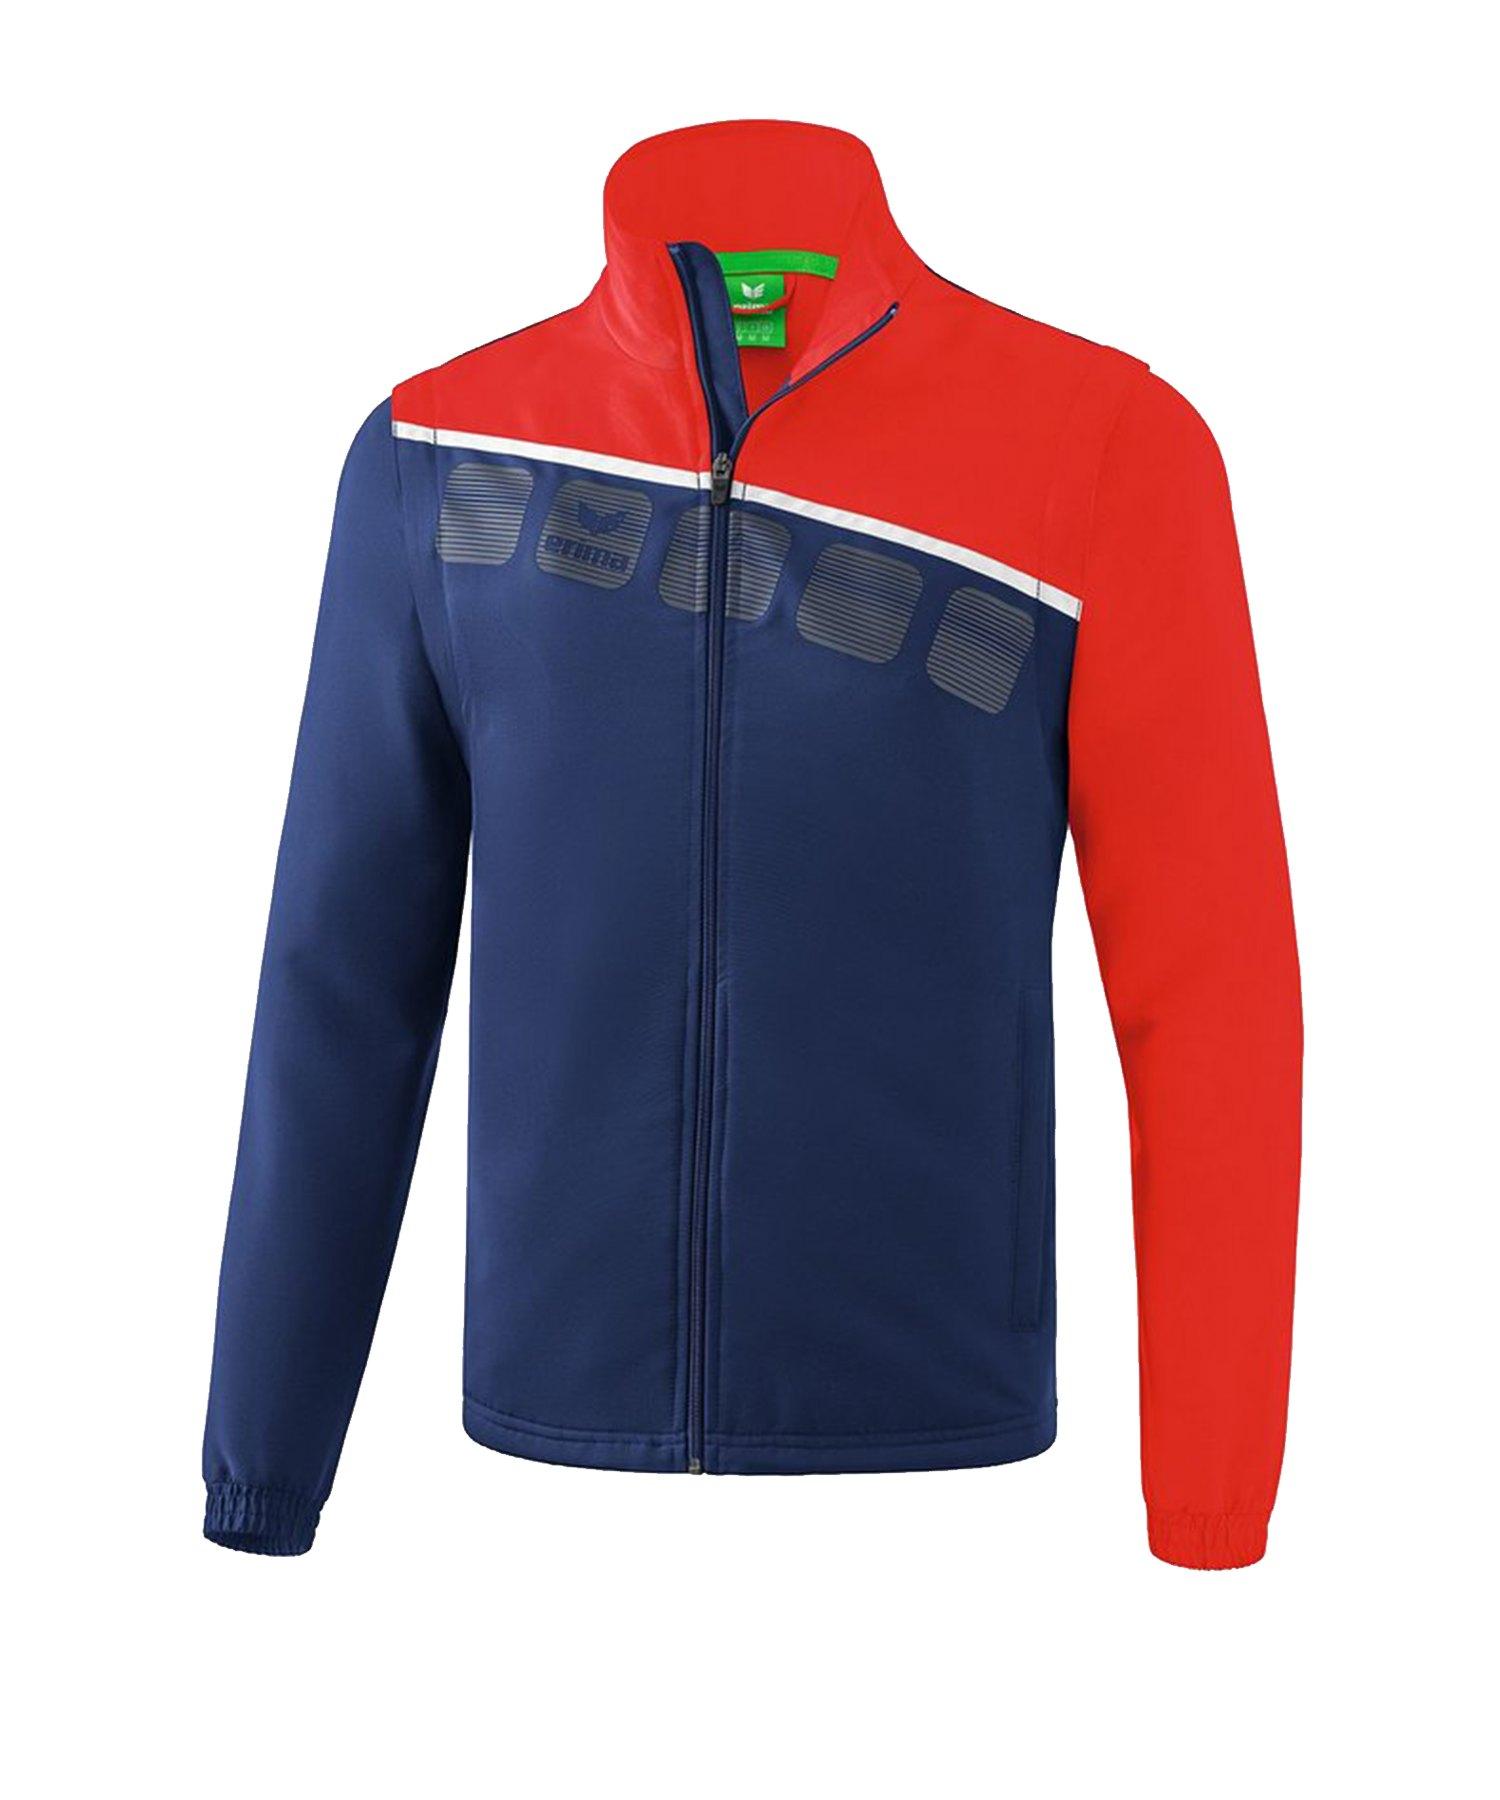 Erima 5-C Jacke mit abnehmbaren Ärmeln Blau Rot - Blau